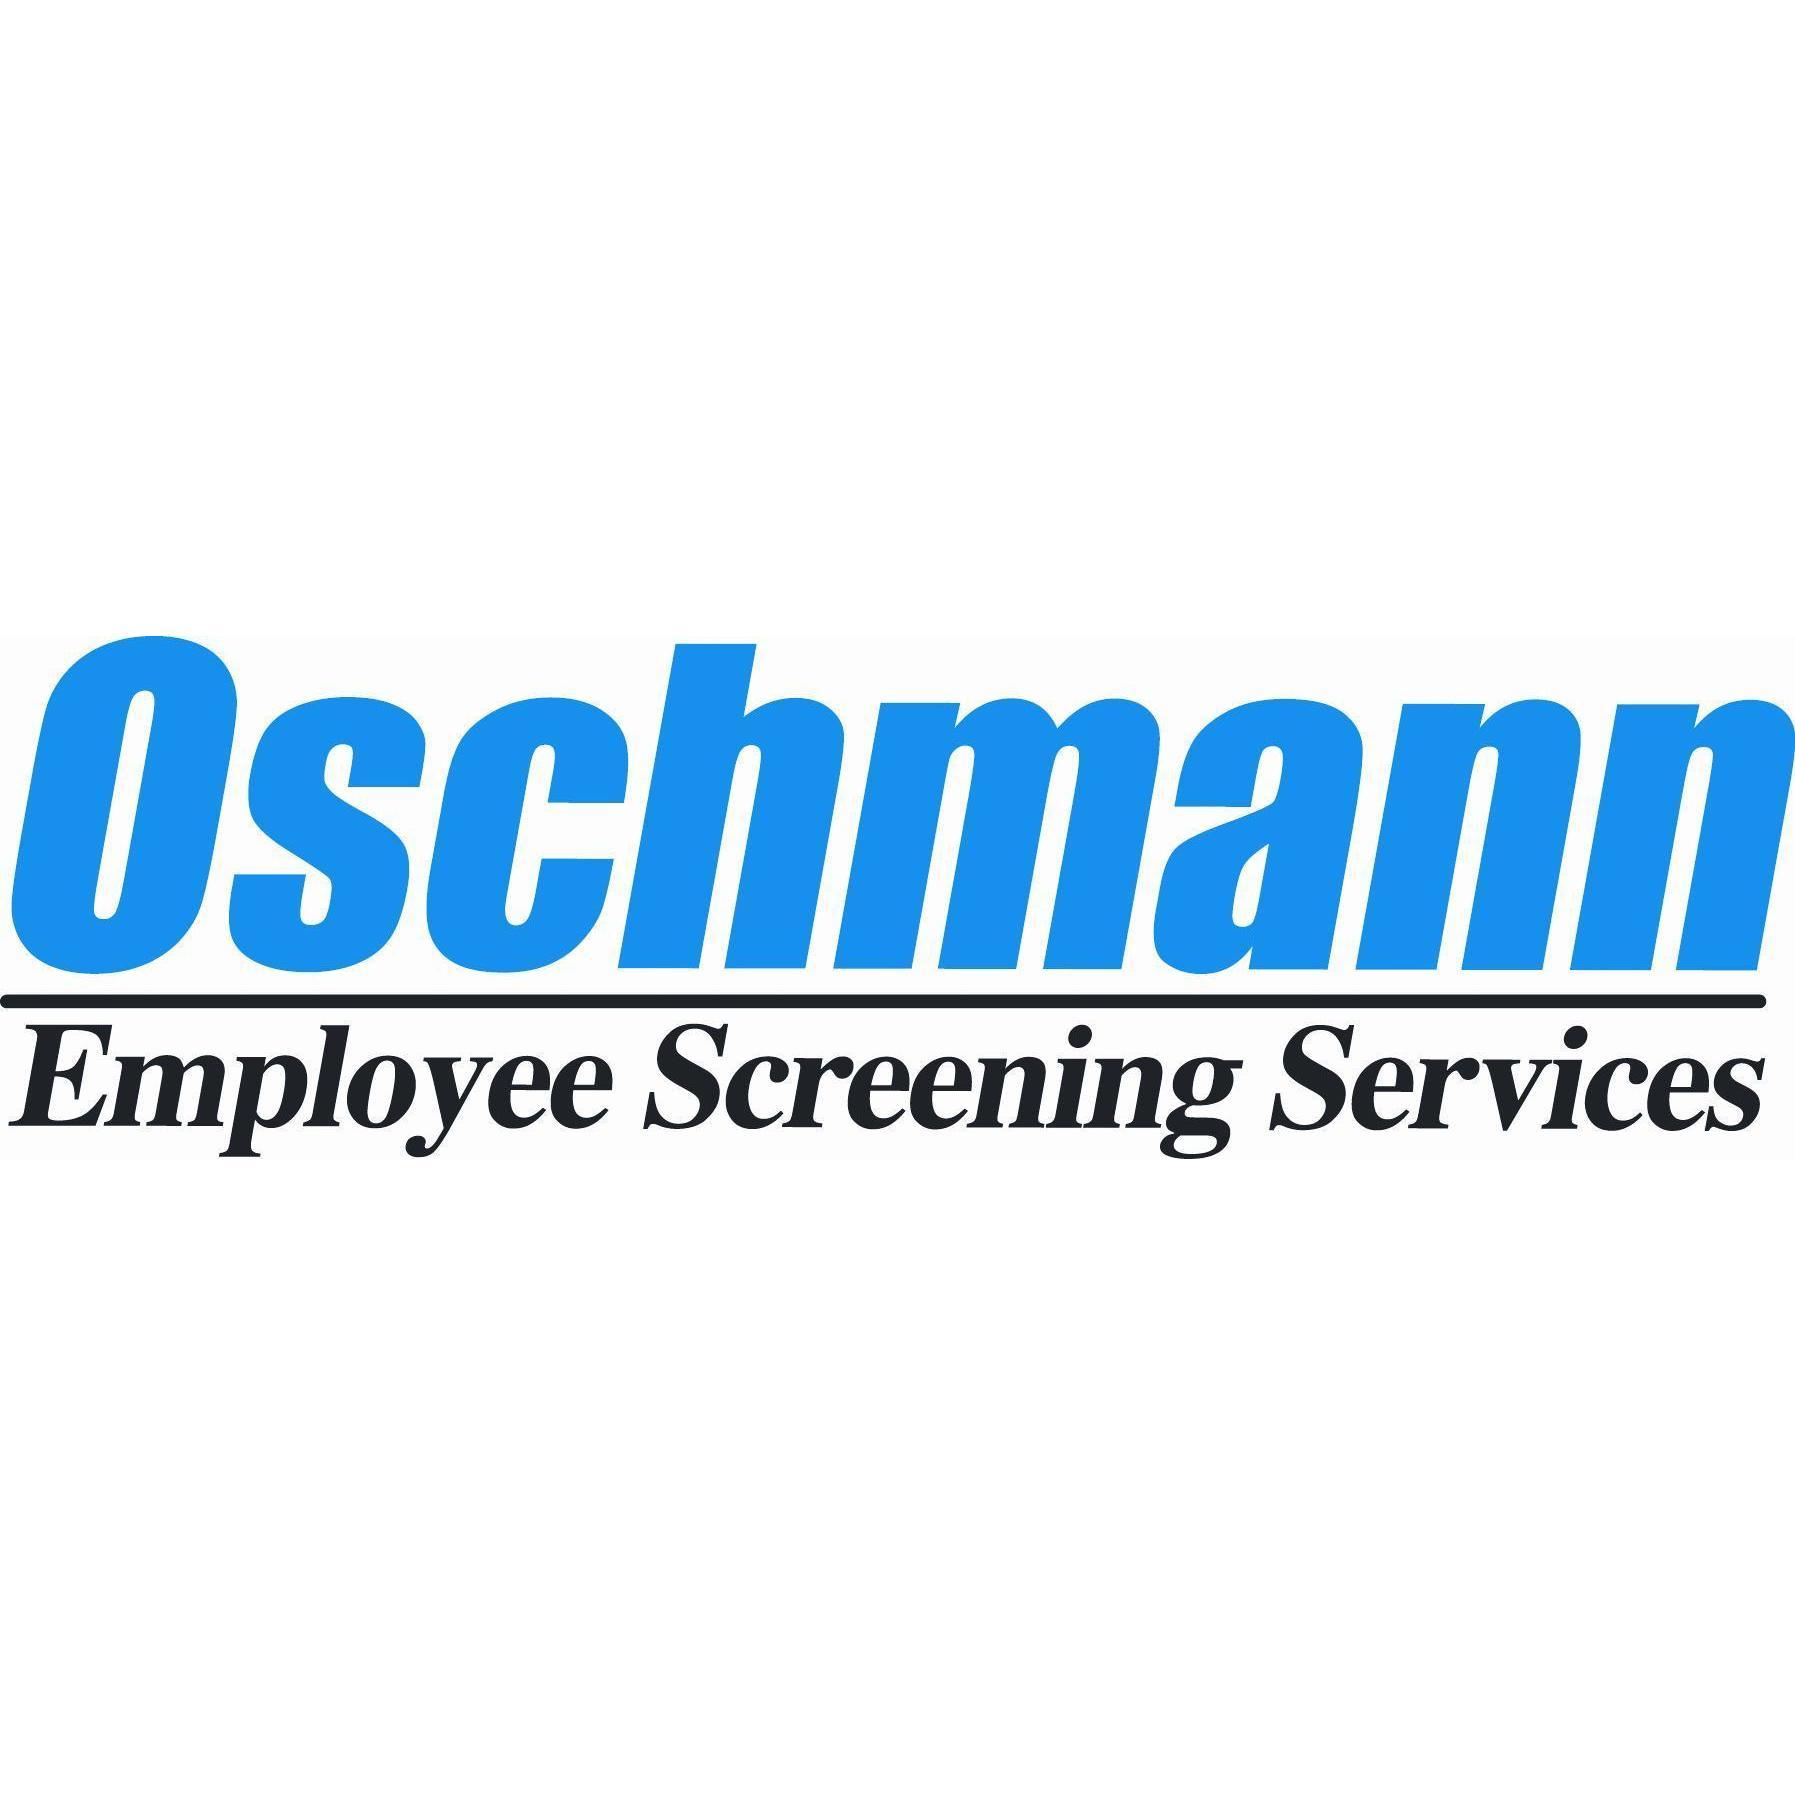 Oschmann Employee Screening Services